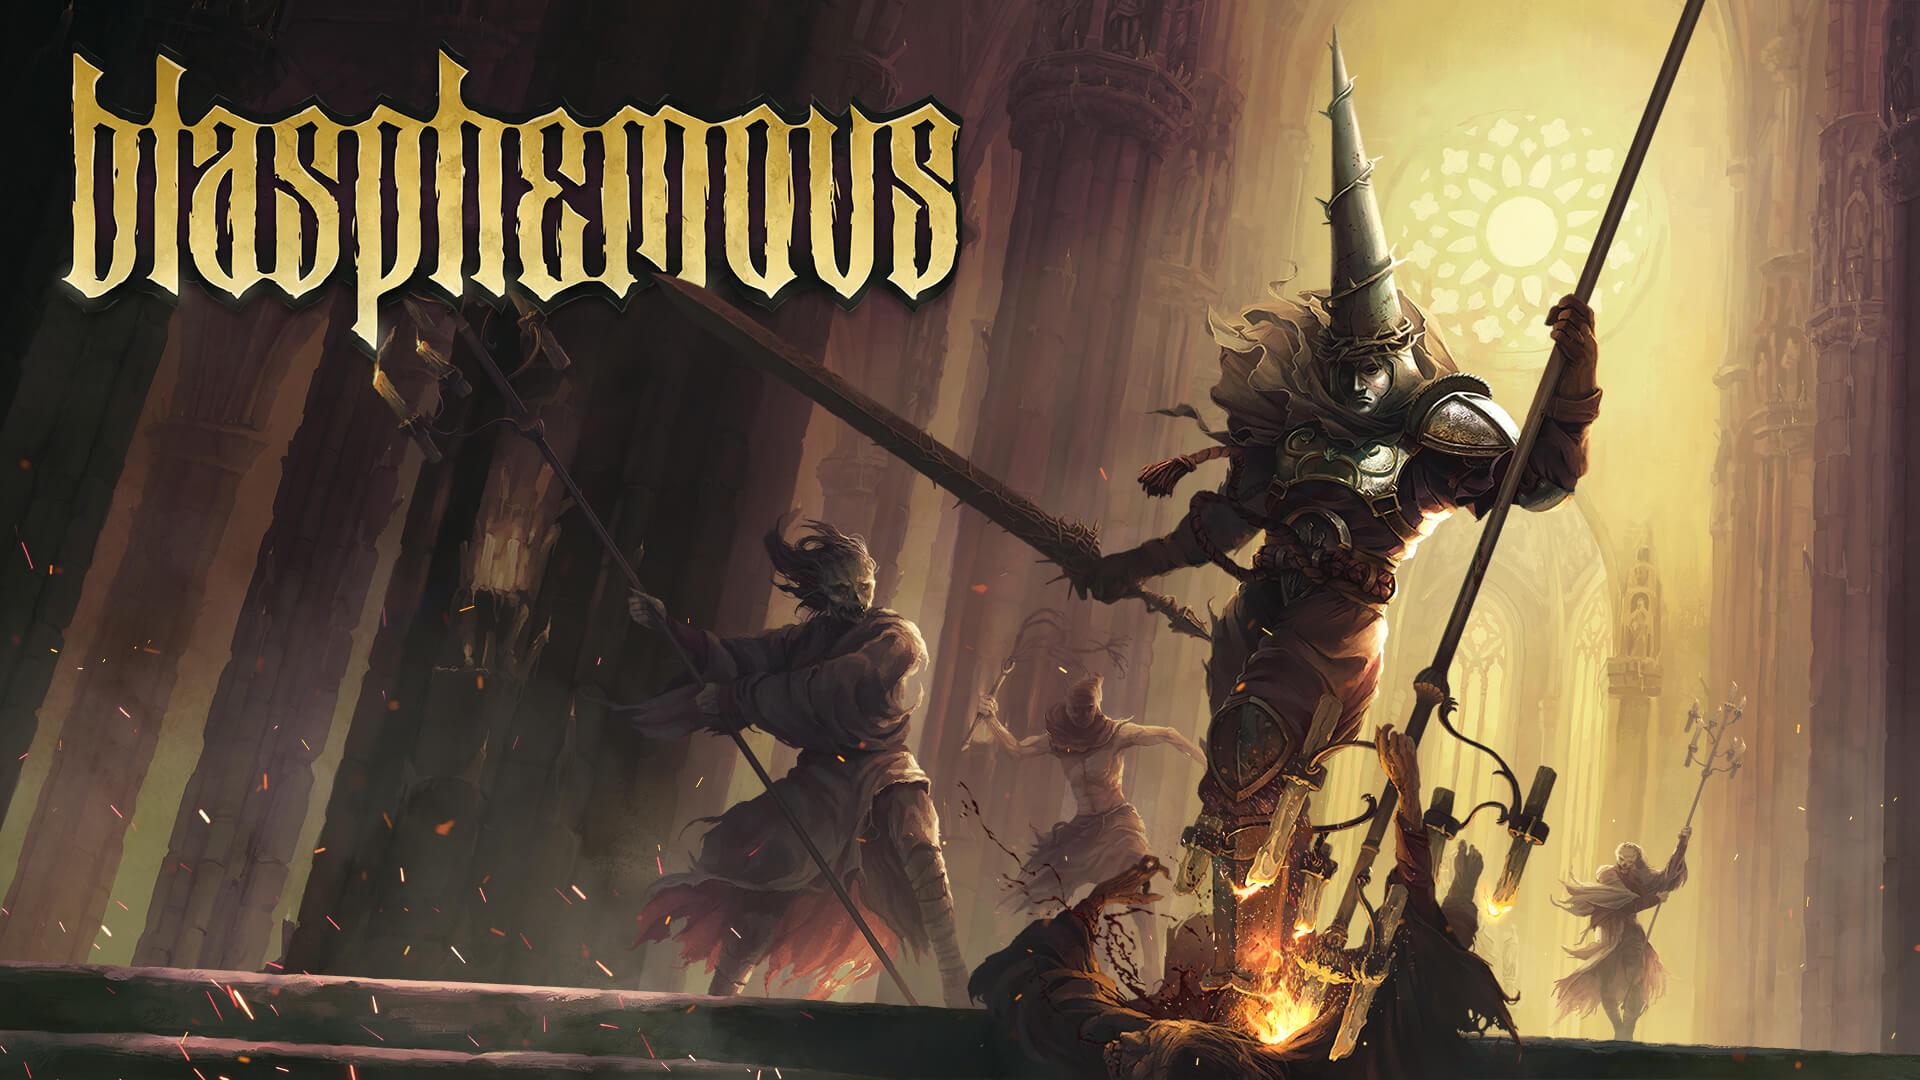 blasphemous video game wallpaper 68582